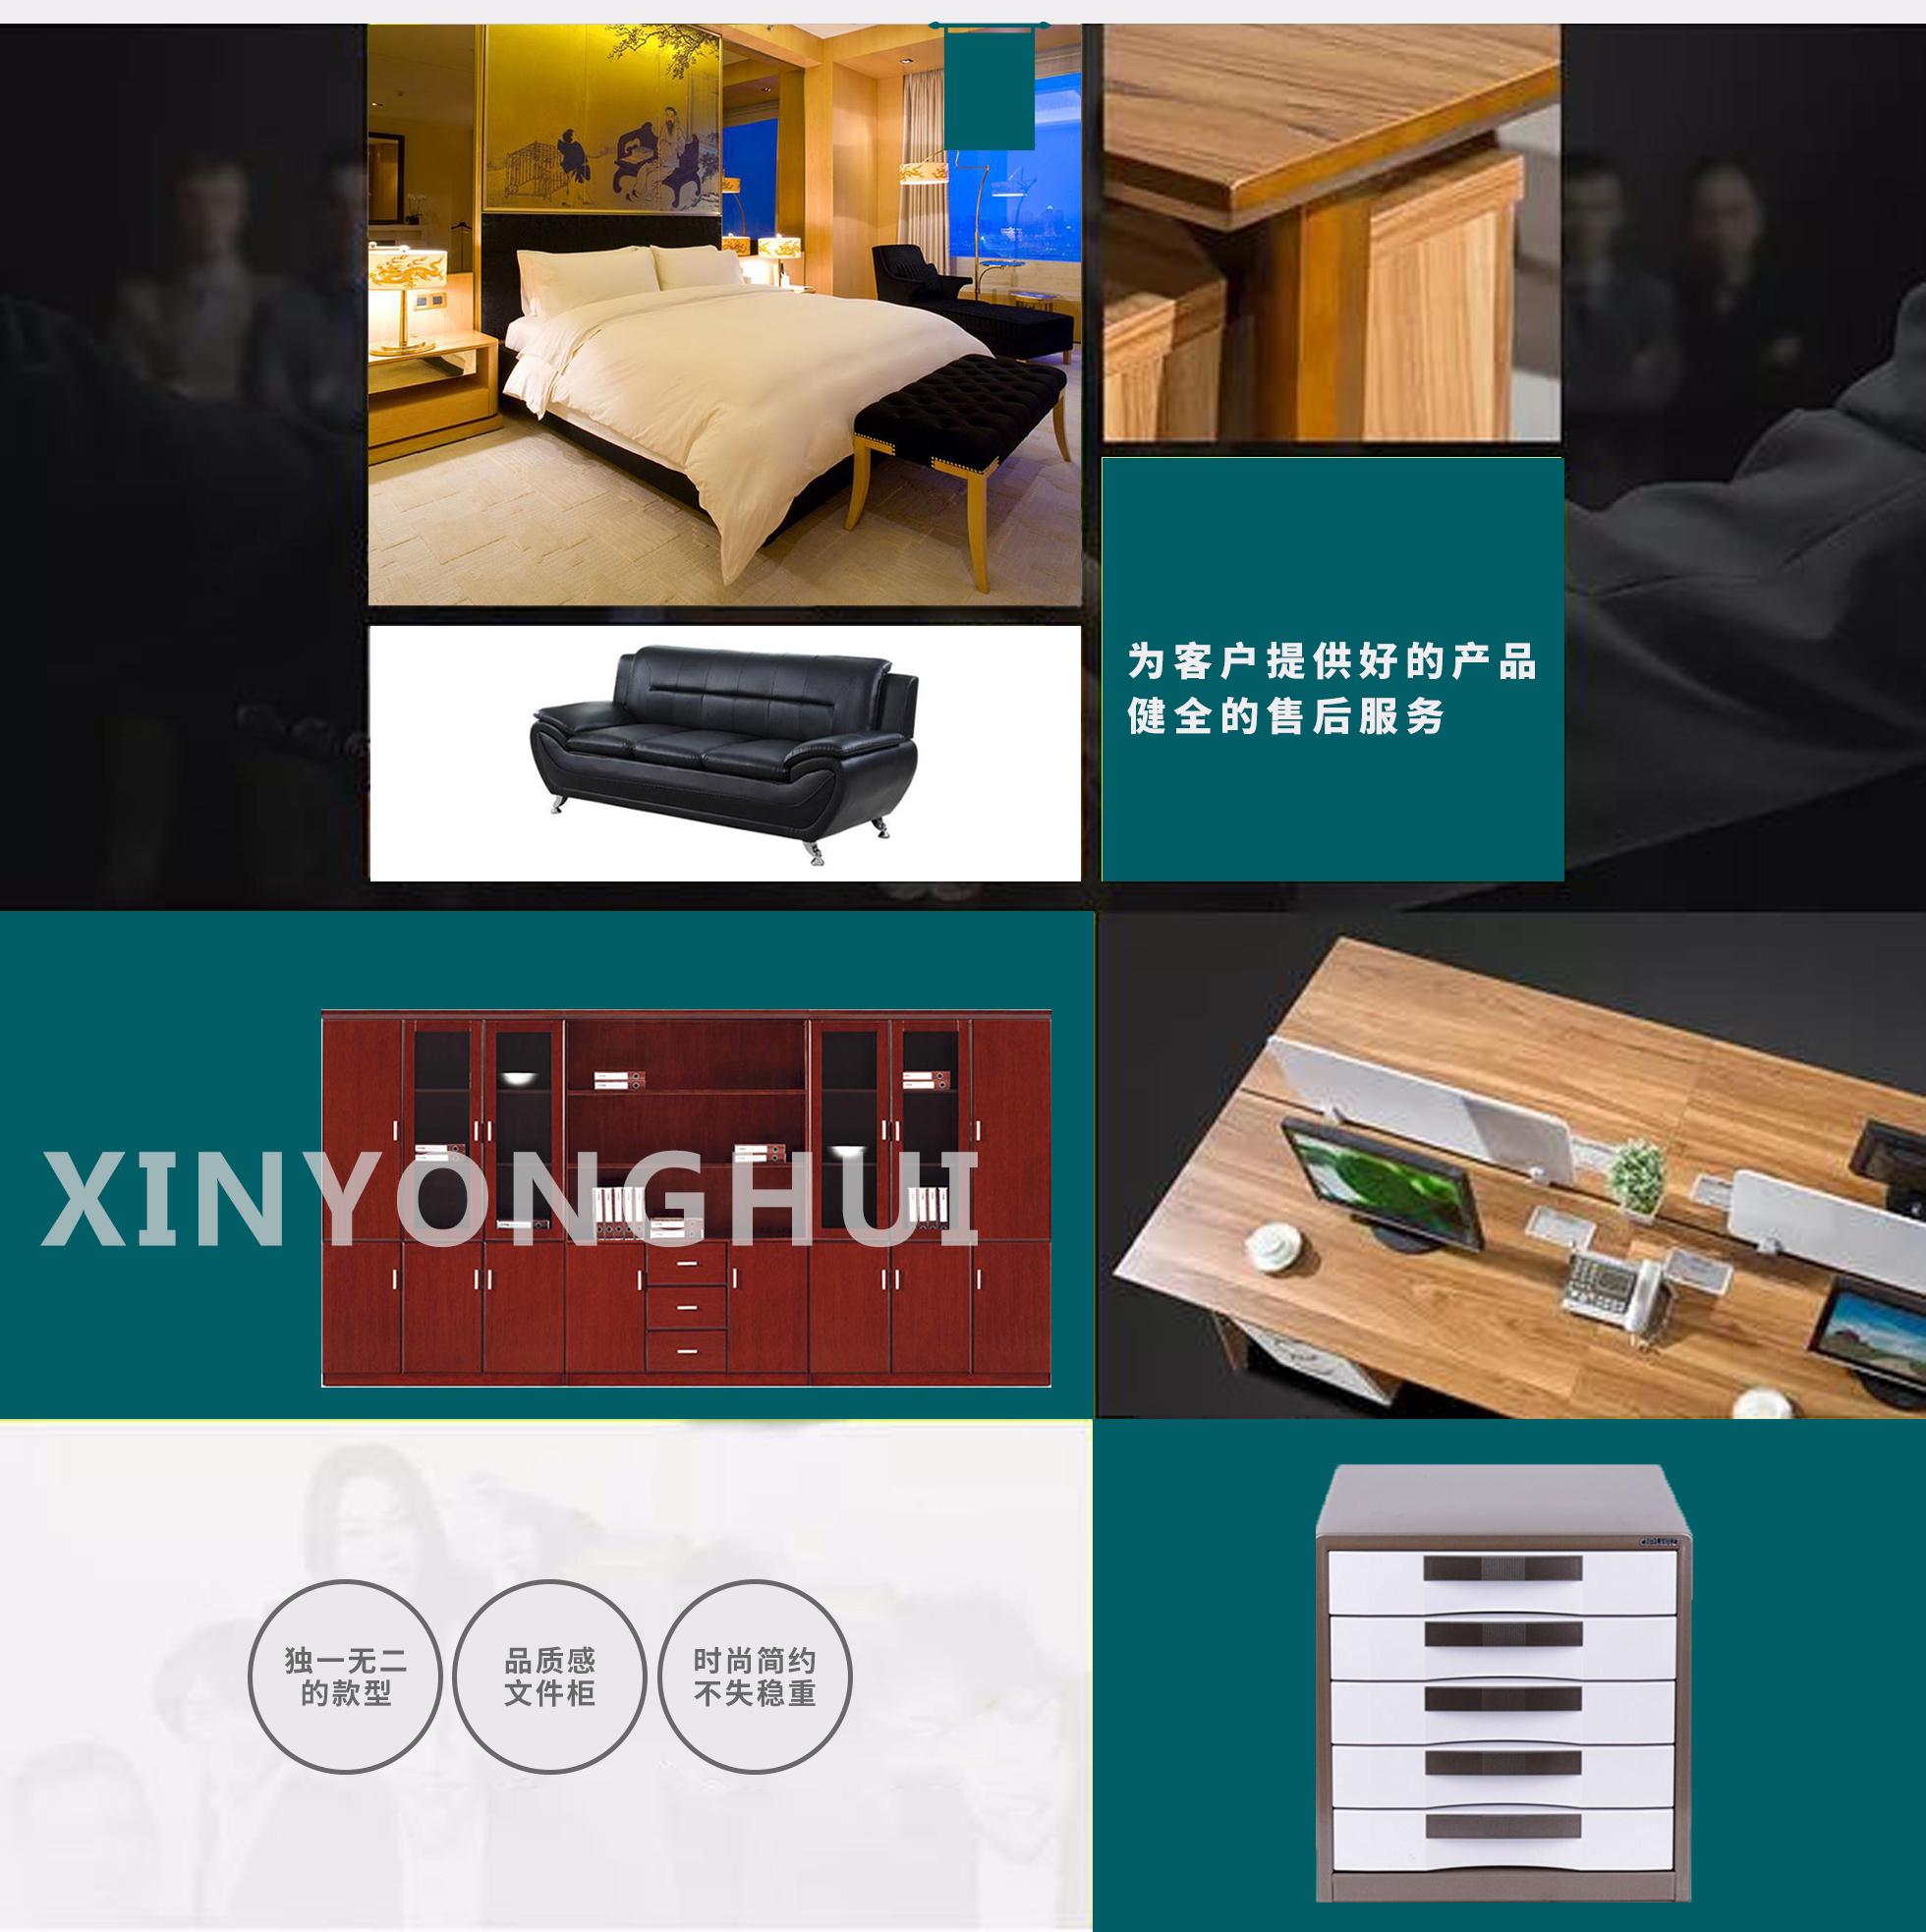 宁夏办公家具 银川办公家具生产 宁夏办公家具销售